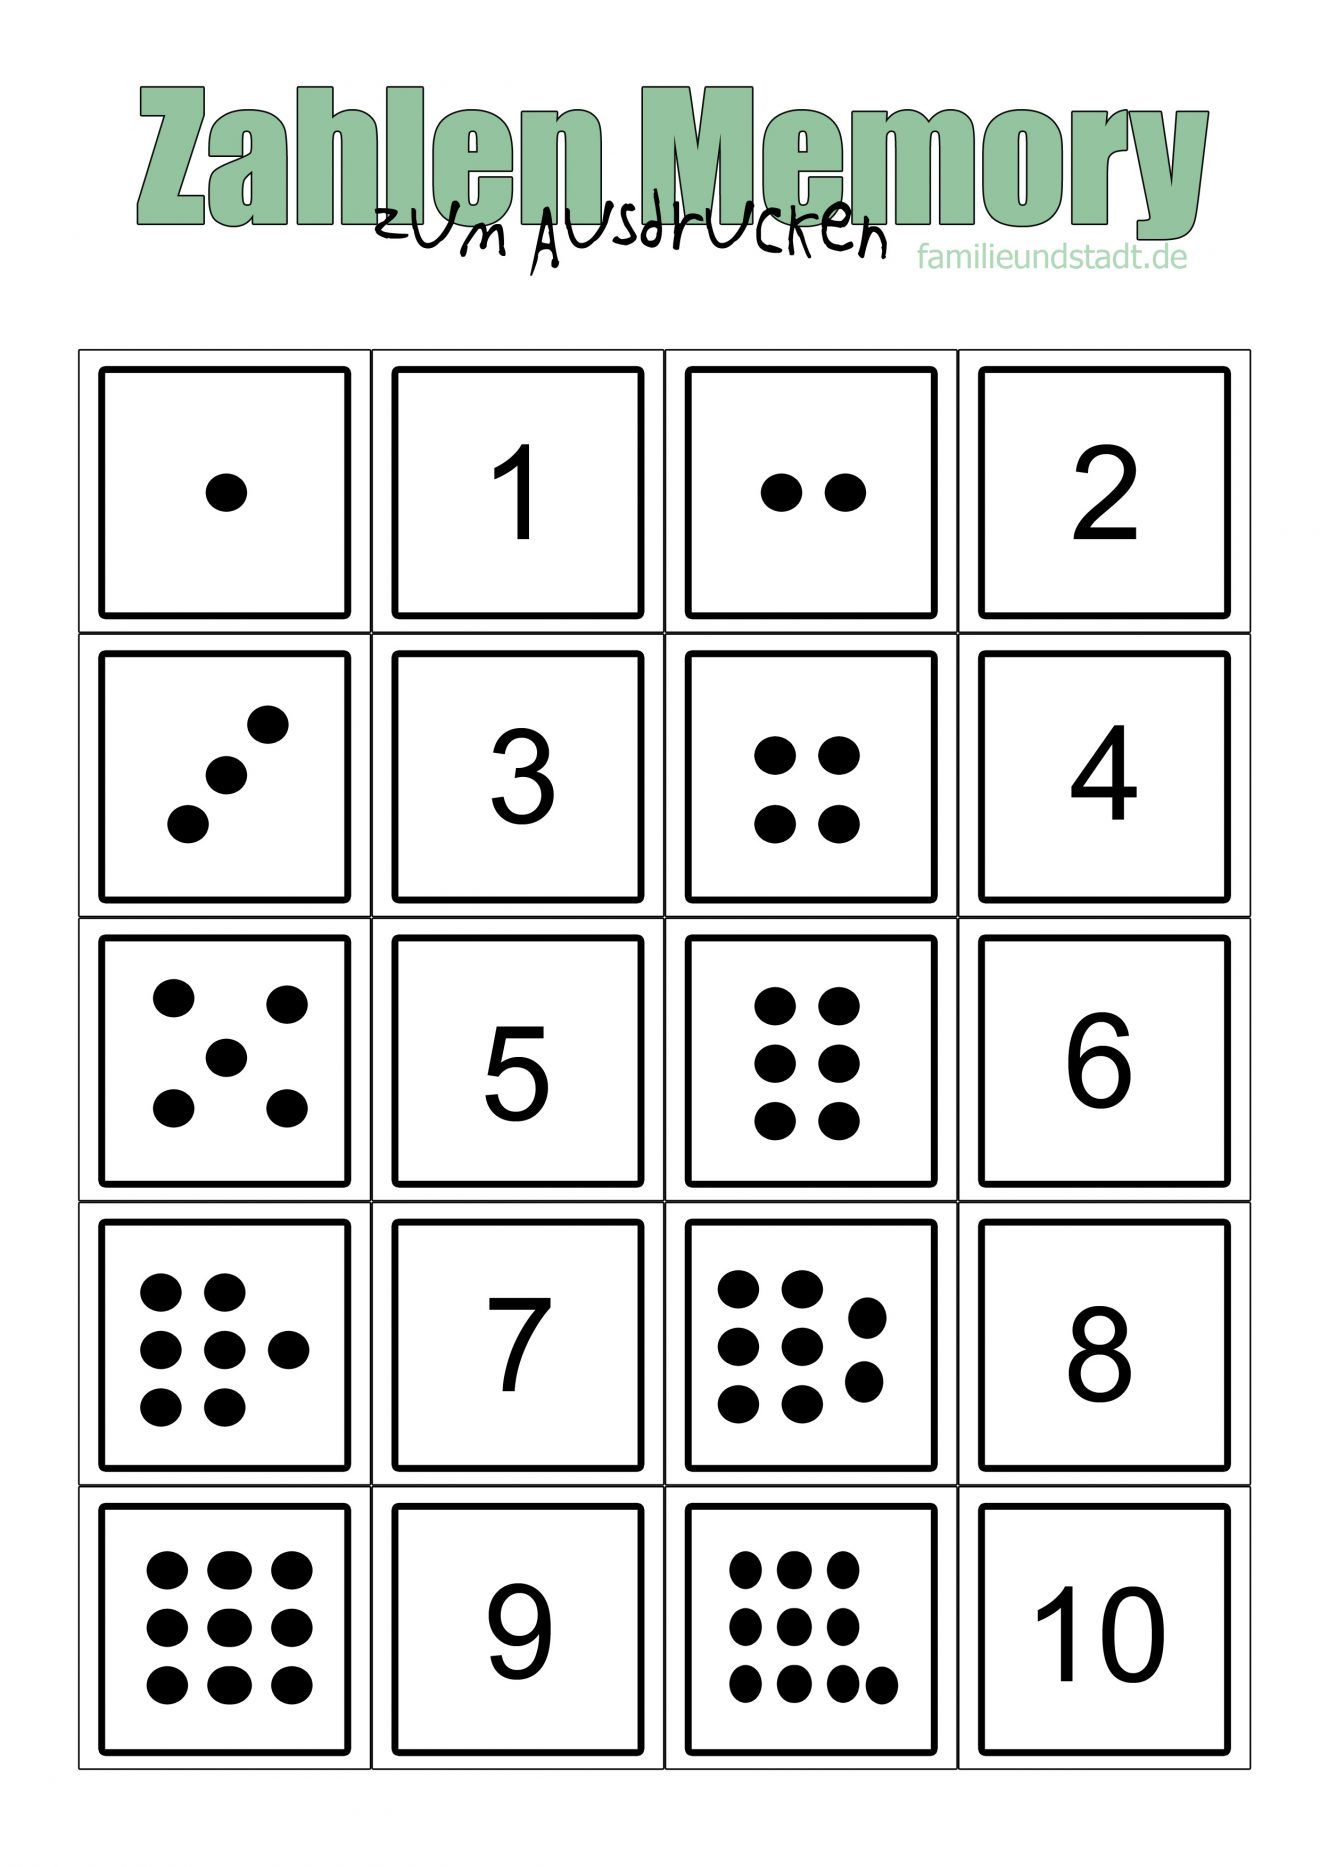 Zahlenmemory bis 10 selber basteln zum Ausdrucken | kita | Pinterest ...